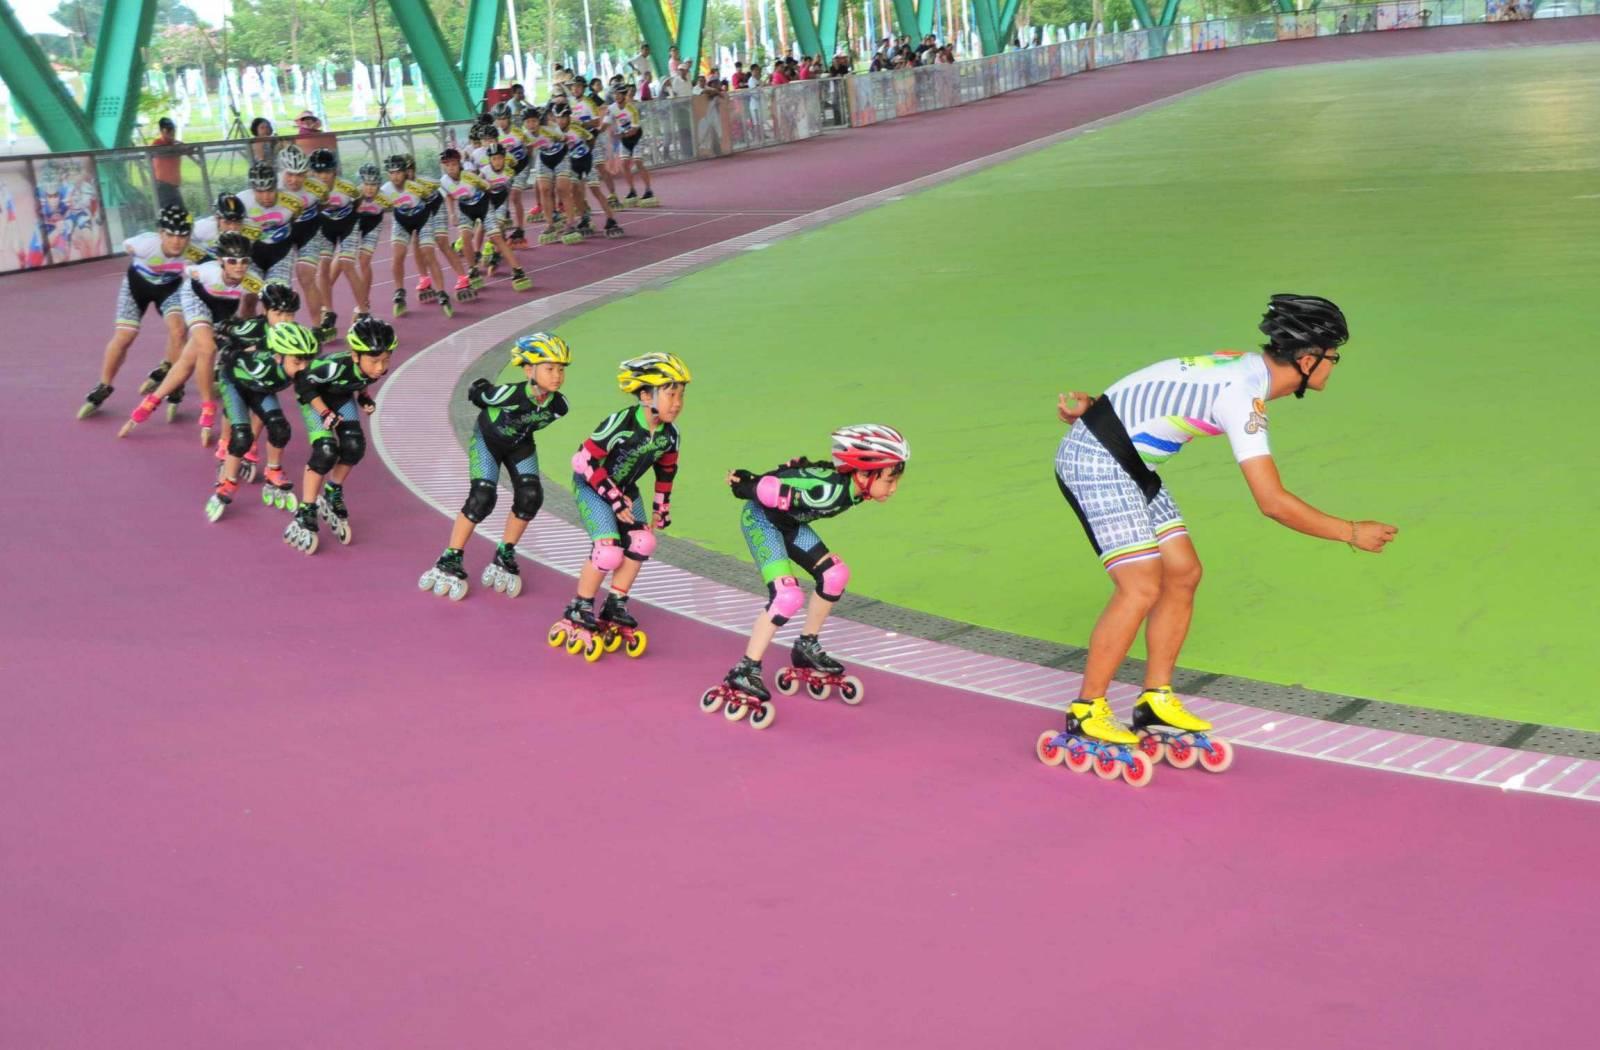 全台首座 高雄國際滑輪溜冰場落成啟用